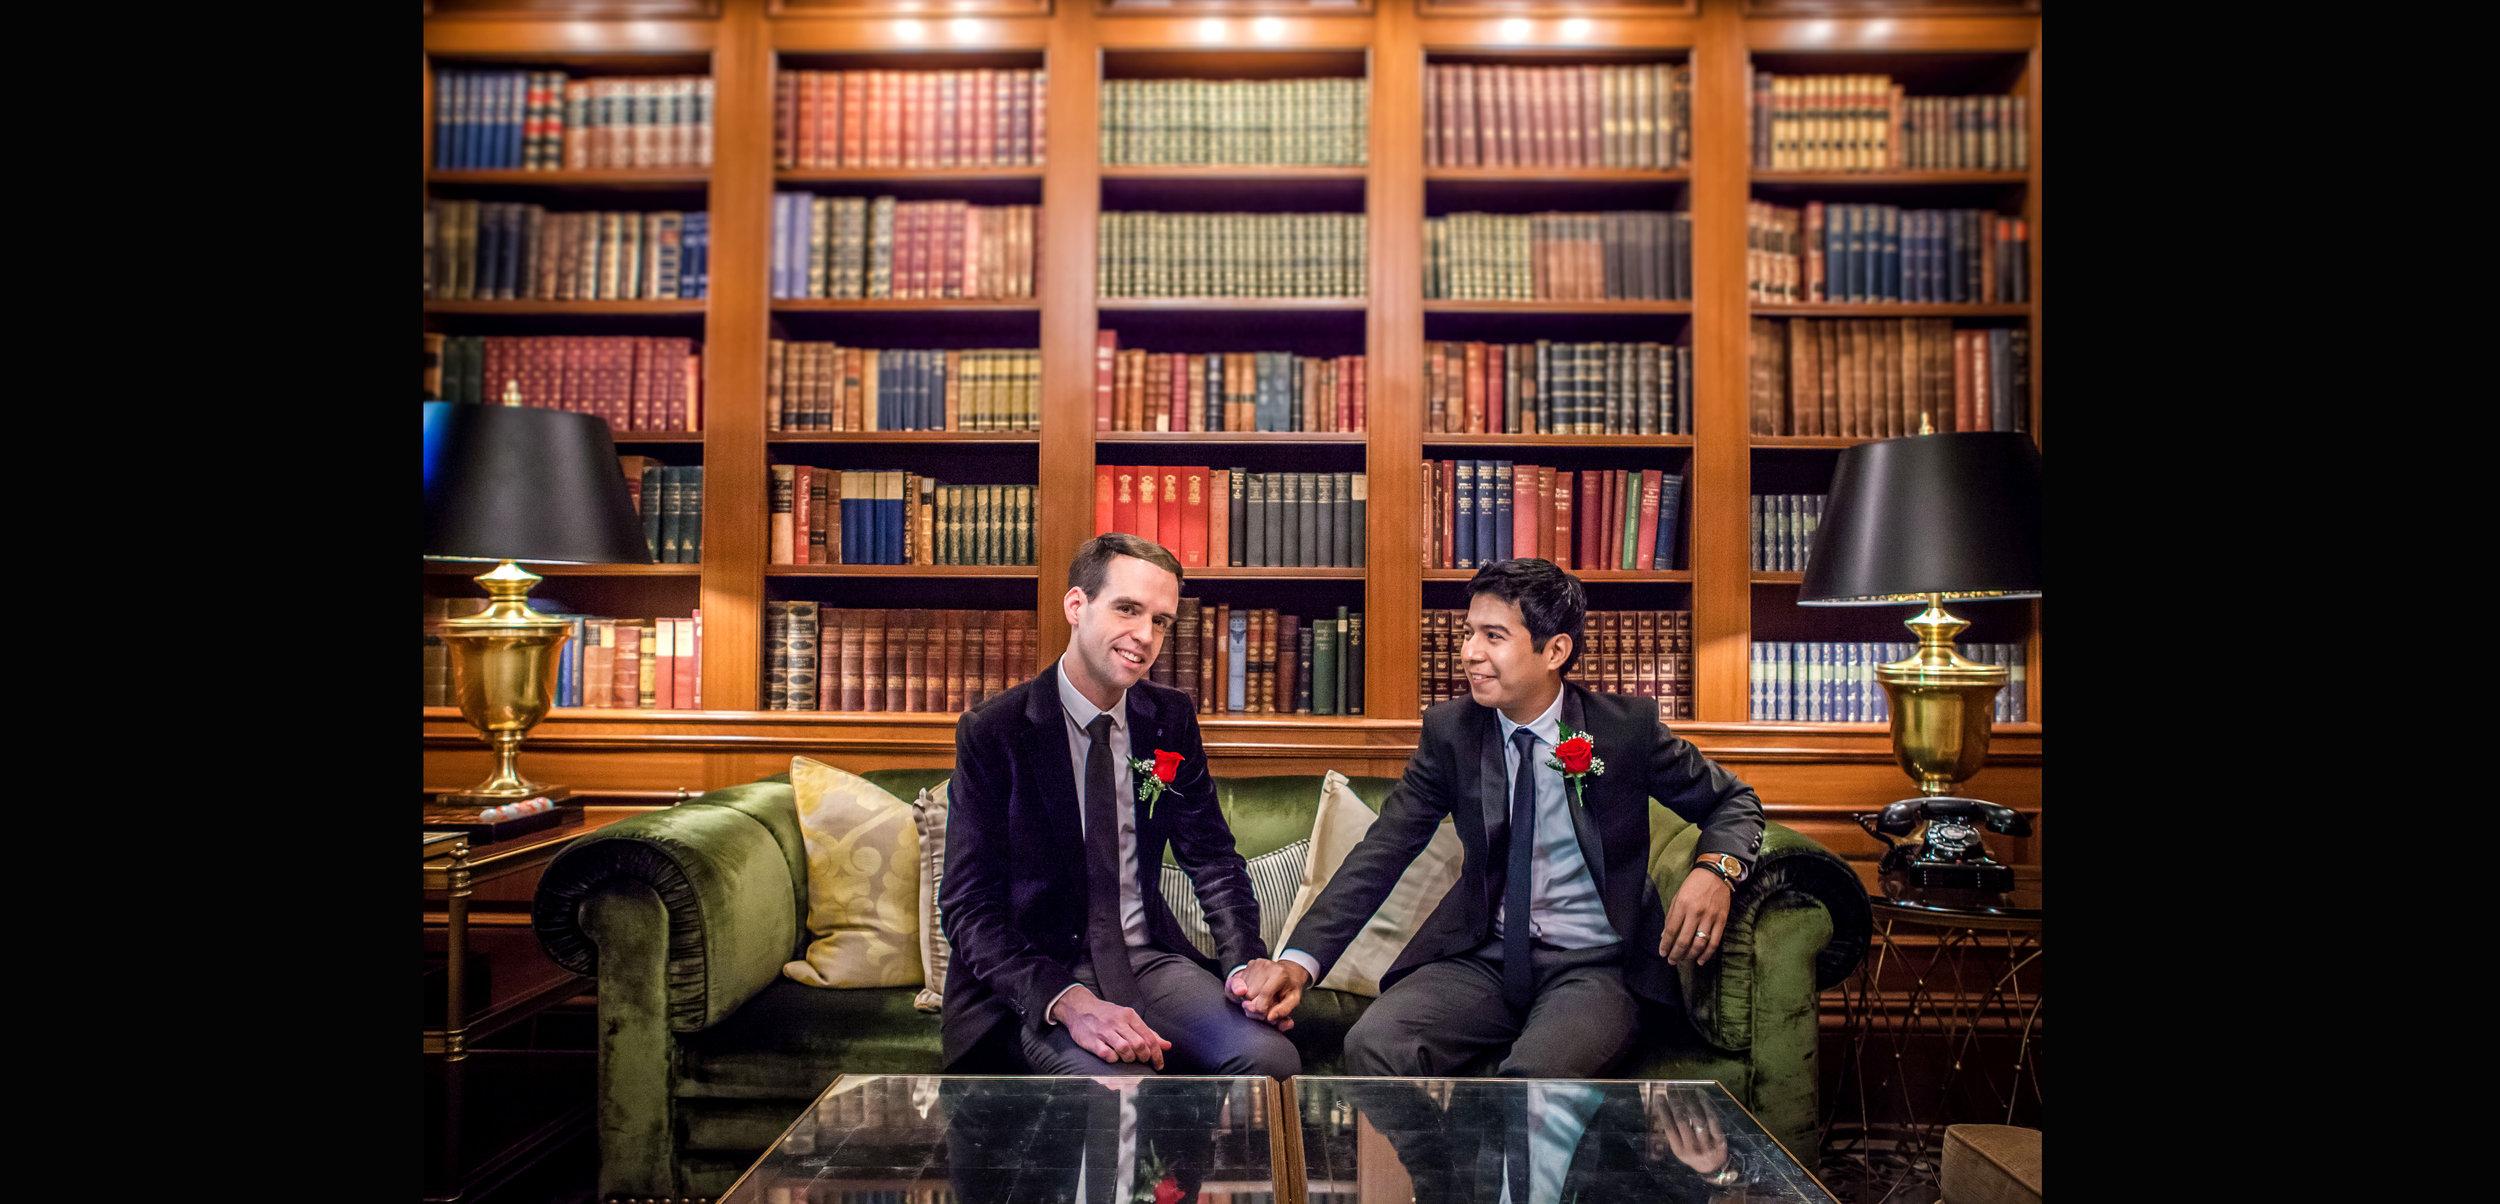 Scott & Lenin Wedding -004.jpg